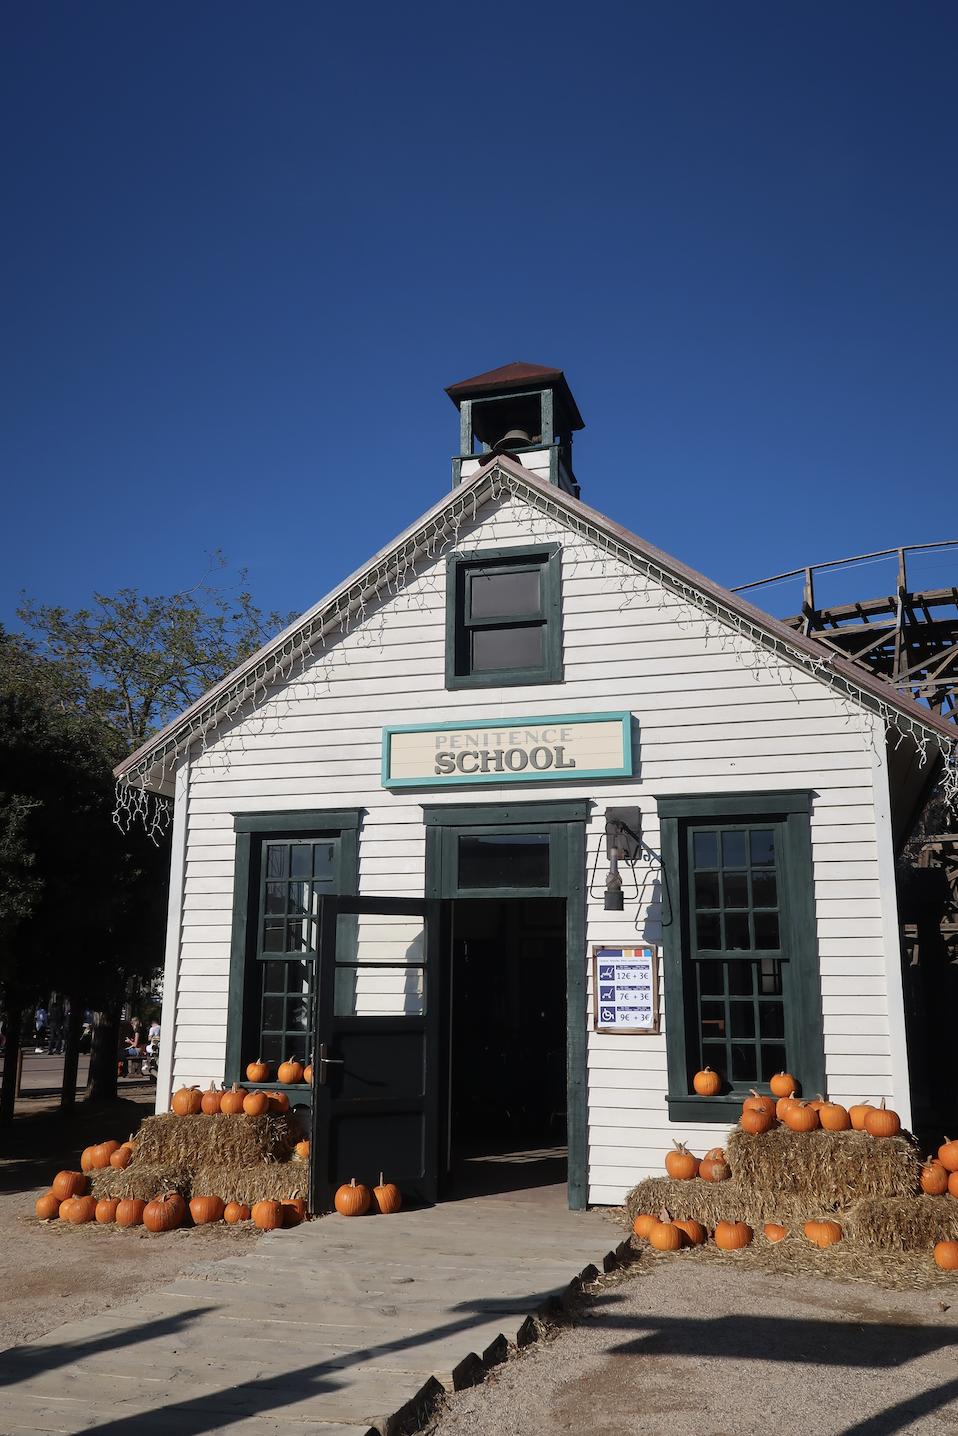 Port aventura en famille pour Halloween : infos pratiques